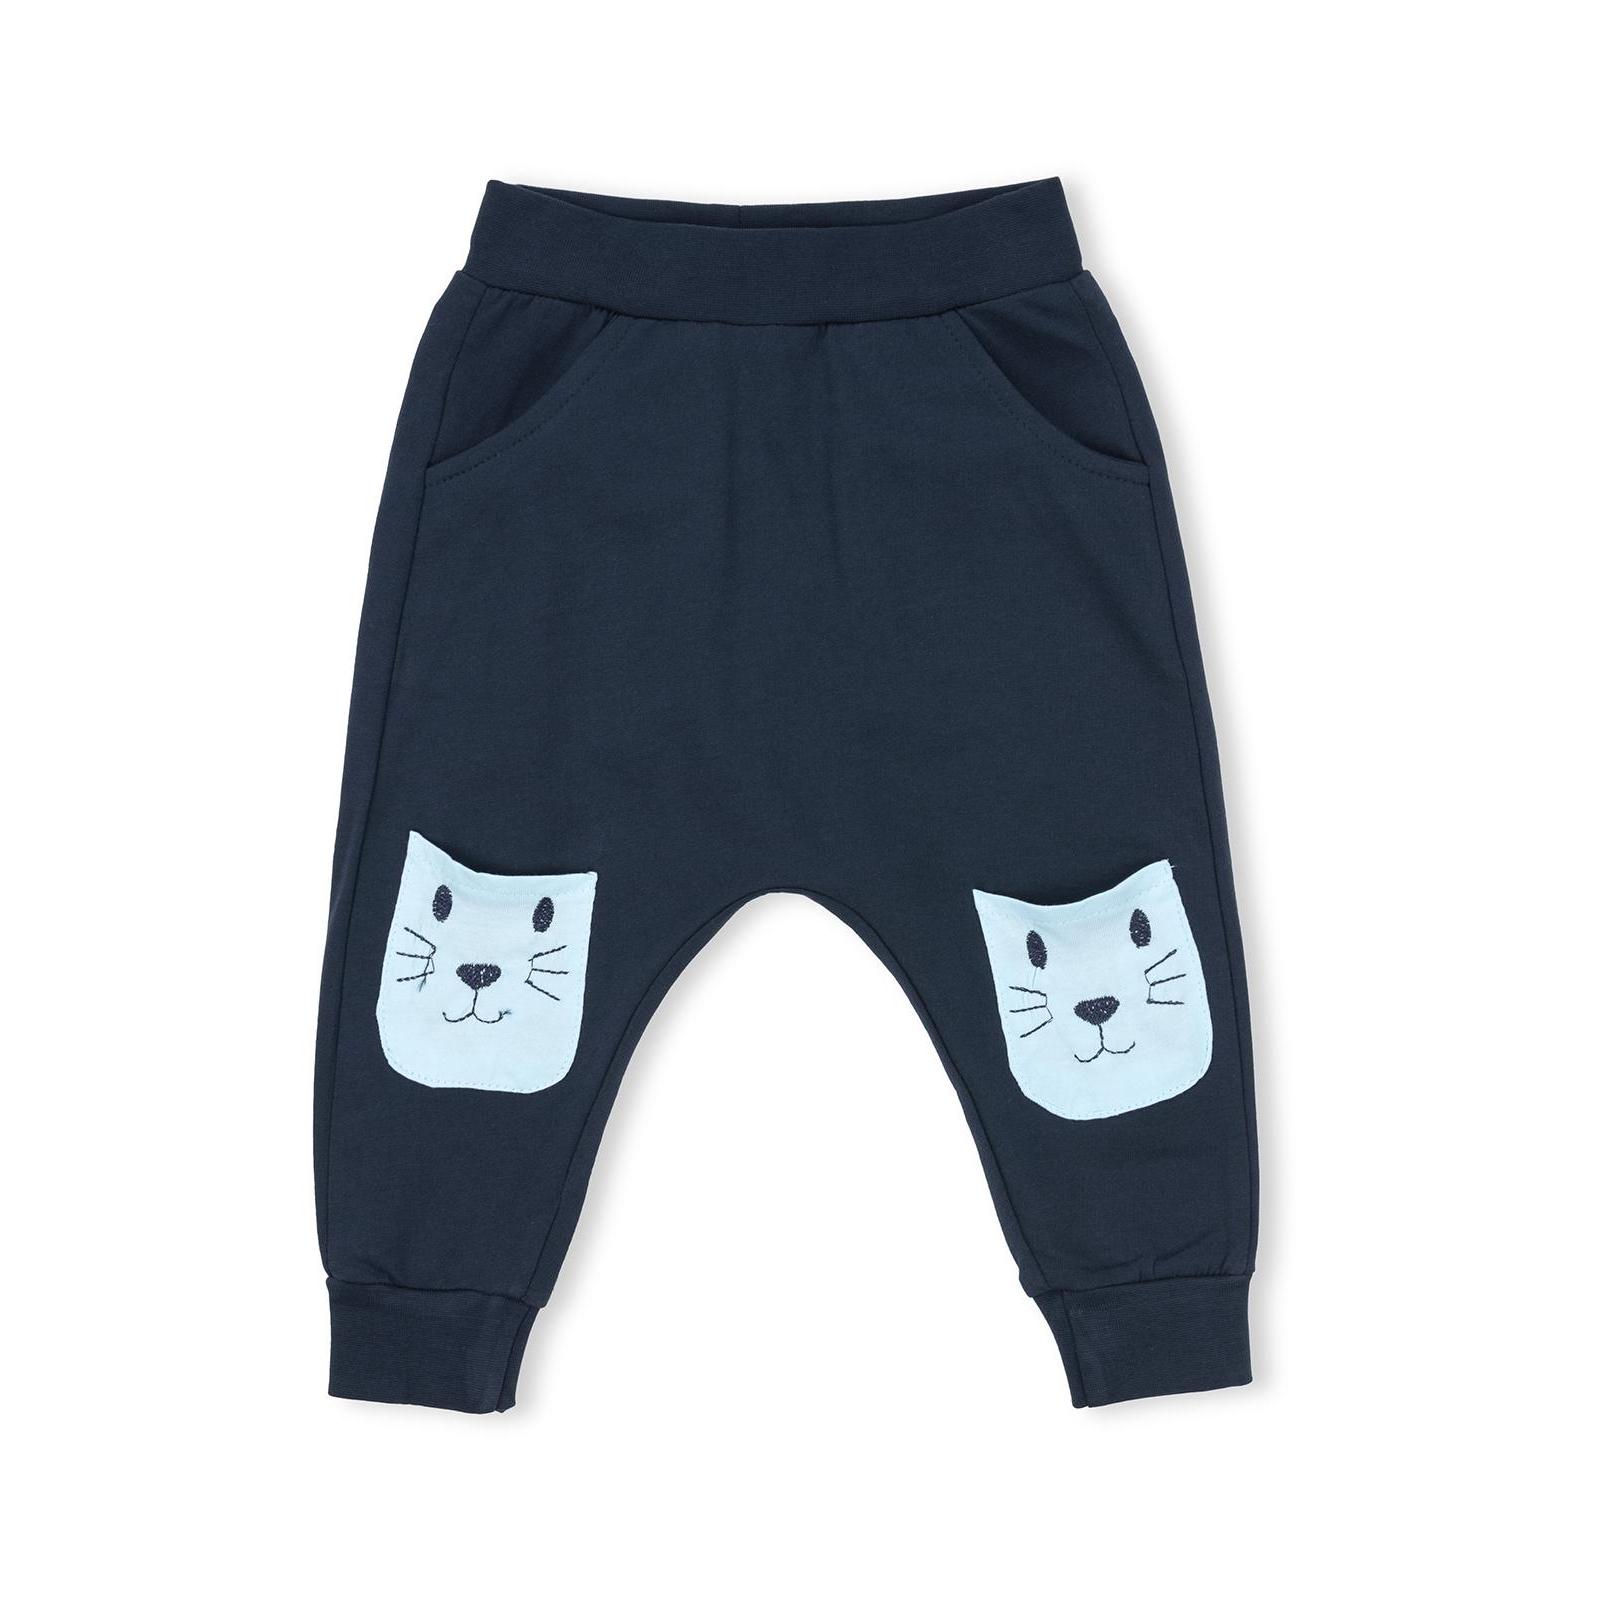 Набор детской одежды Breeze с карманчиками (10234-86G-blue) изображение 3